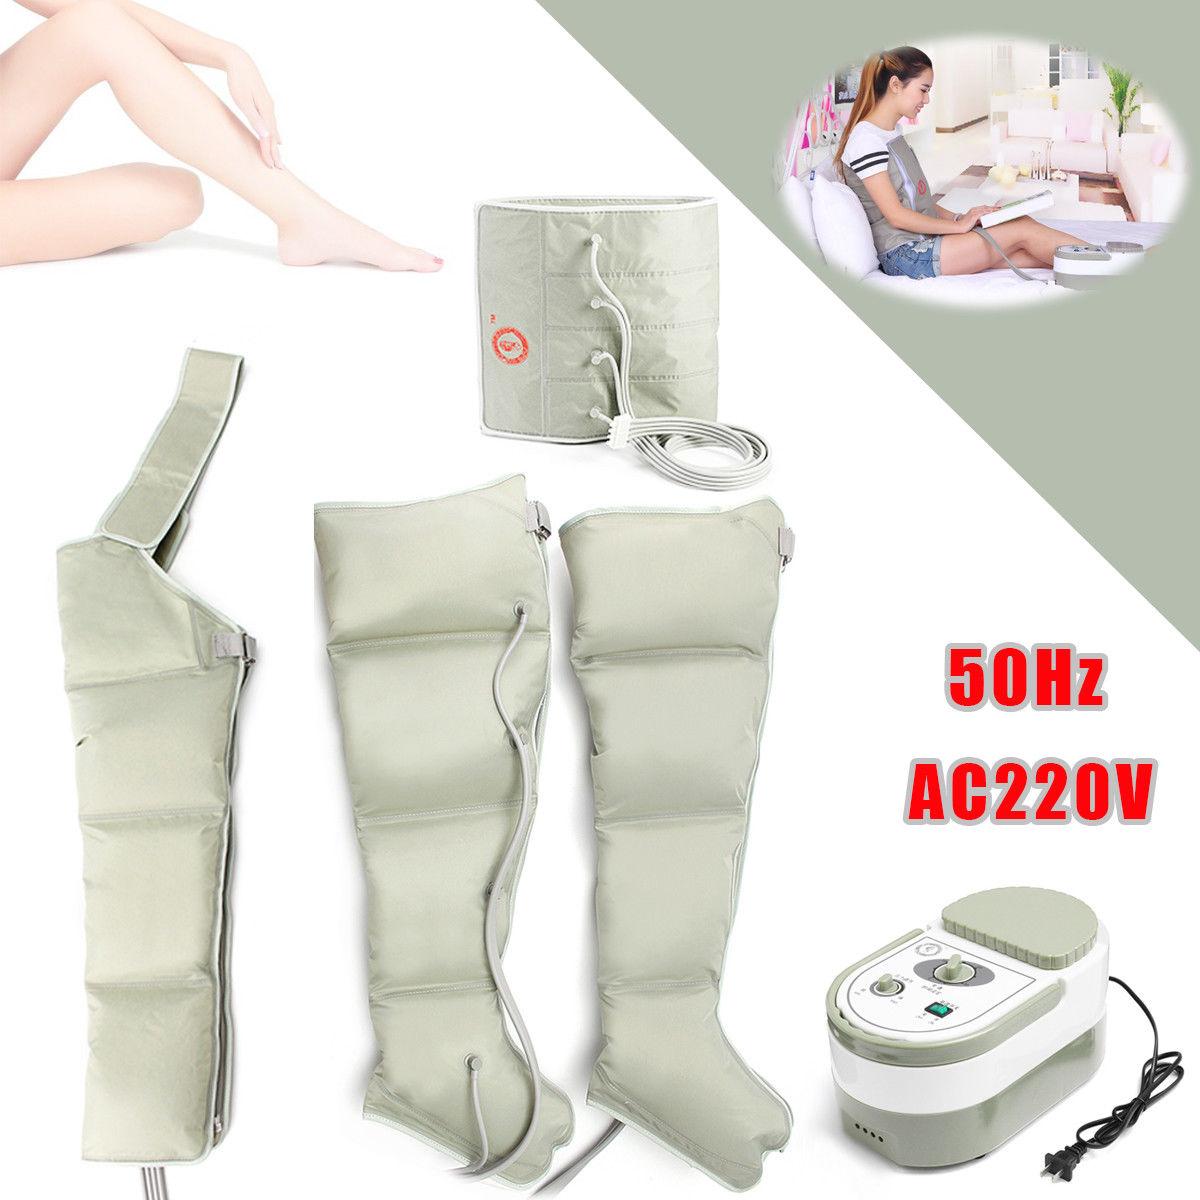 EMS Air Électrique Cercle De Compression Masseur Circulation Pression De Massage Jambe brassard personnes âgées pneumatique pression de l'air vague